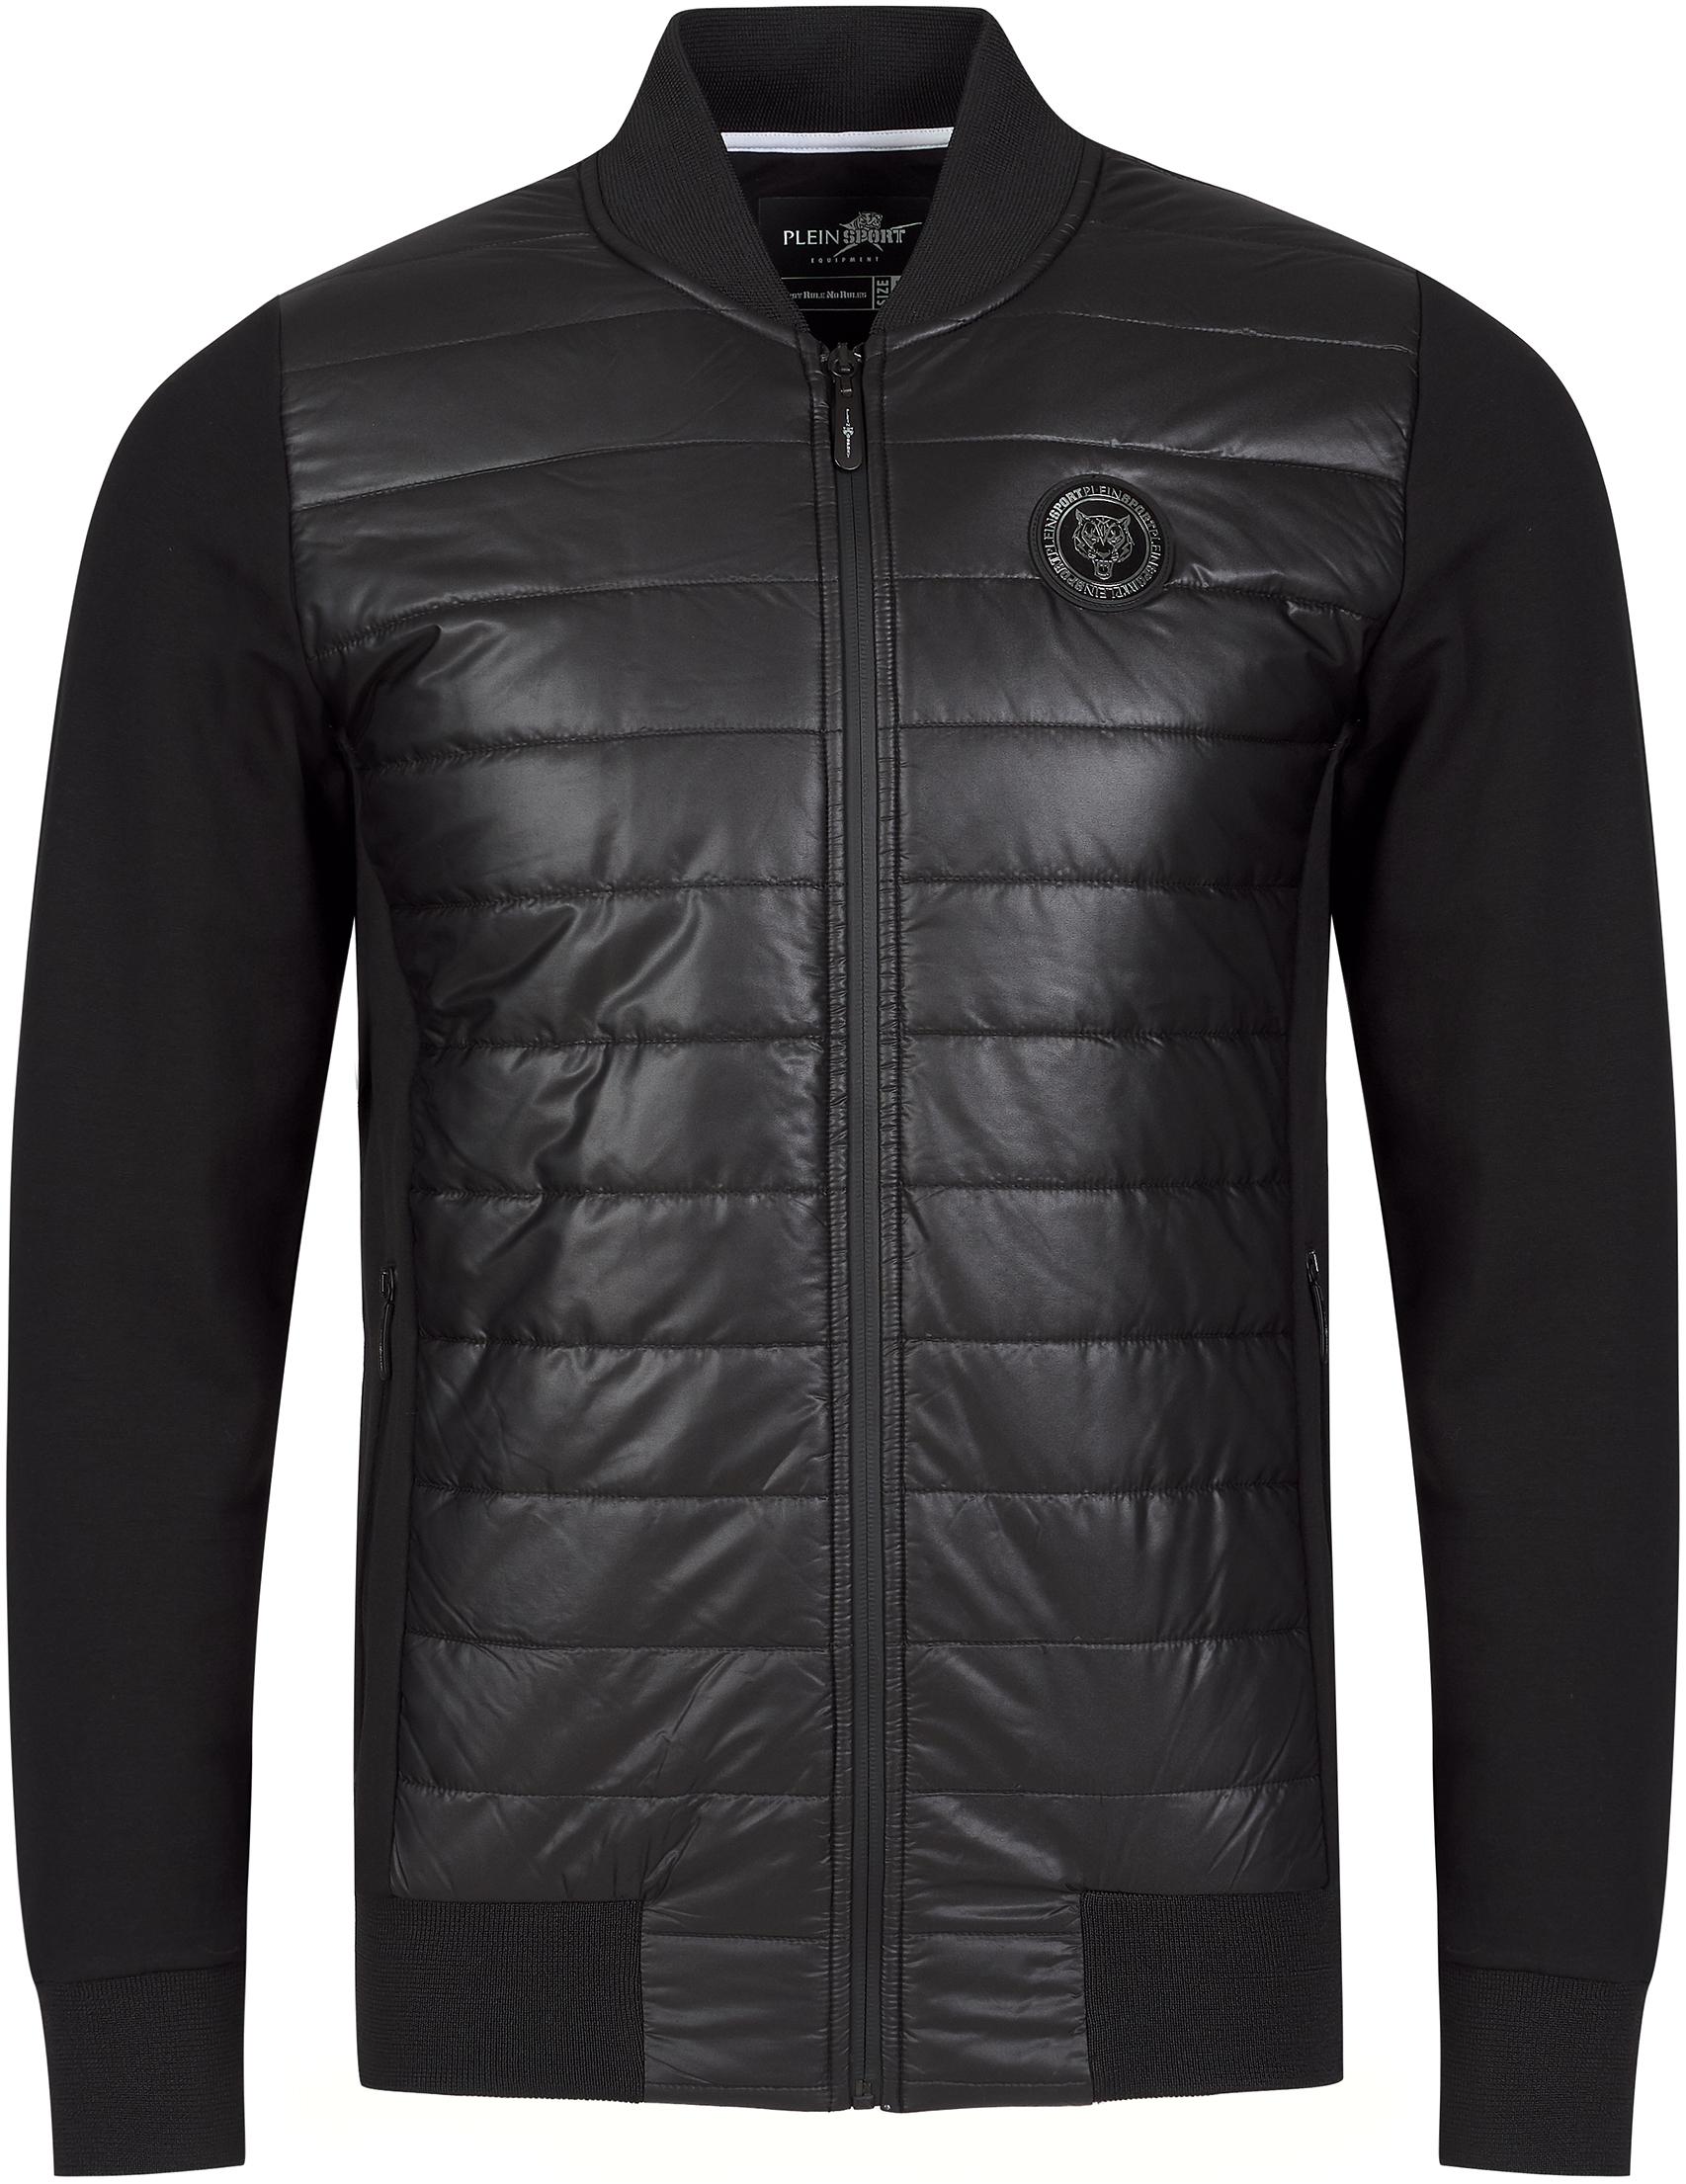 Купить Куртки, Куртка, PLEIN SPORT, Черный, 100%Полиэстер;95%Хлопок 5%Эластан;100%Хлопок, Осень-Зима